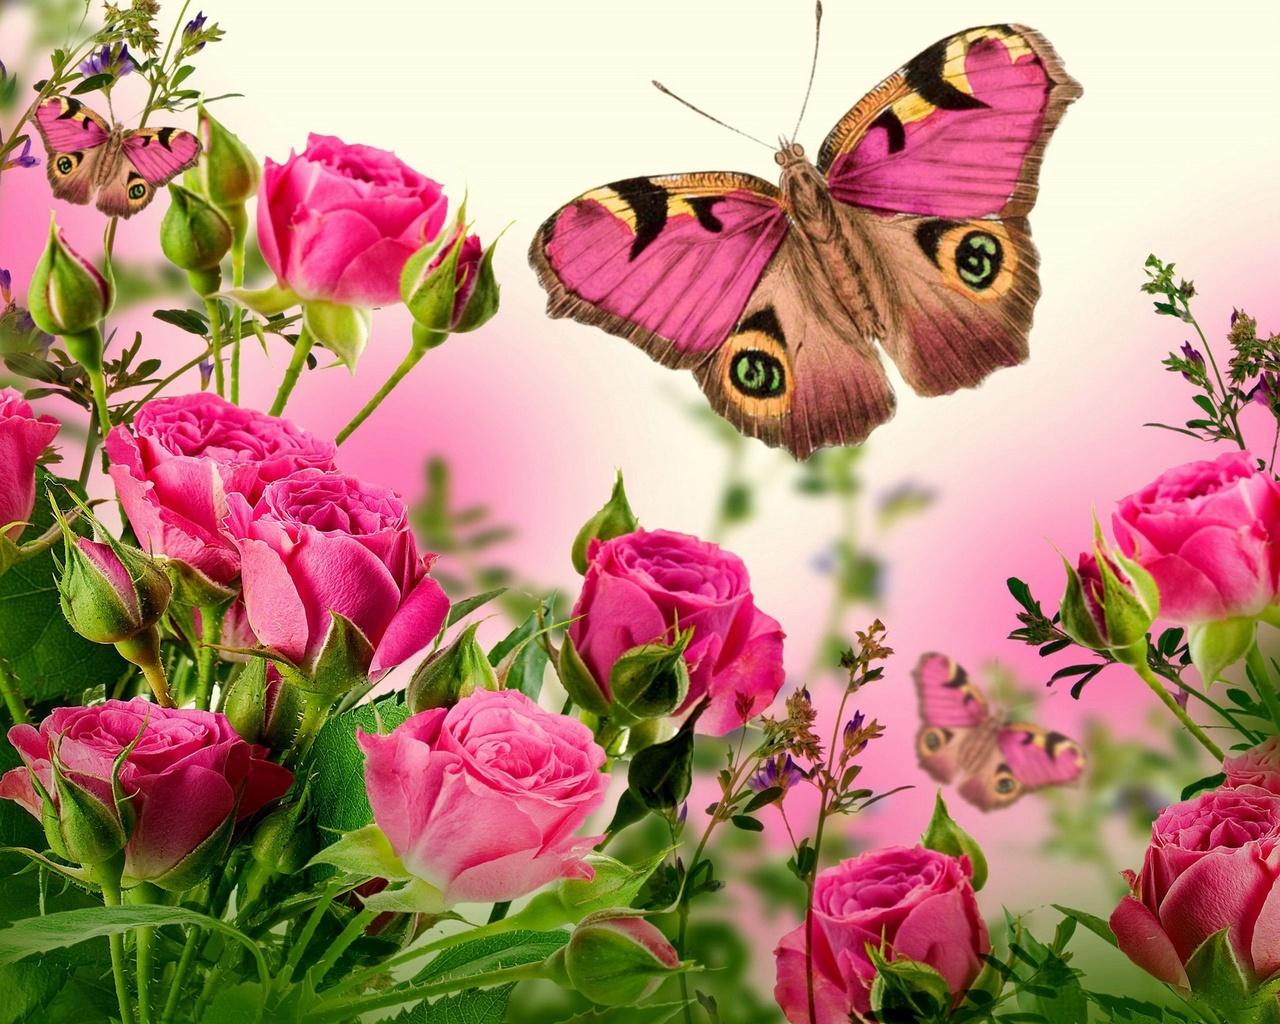 Про работу, картинки анимации цветы с бабочками